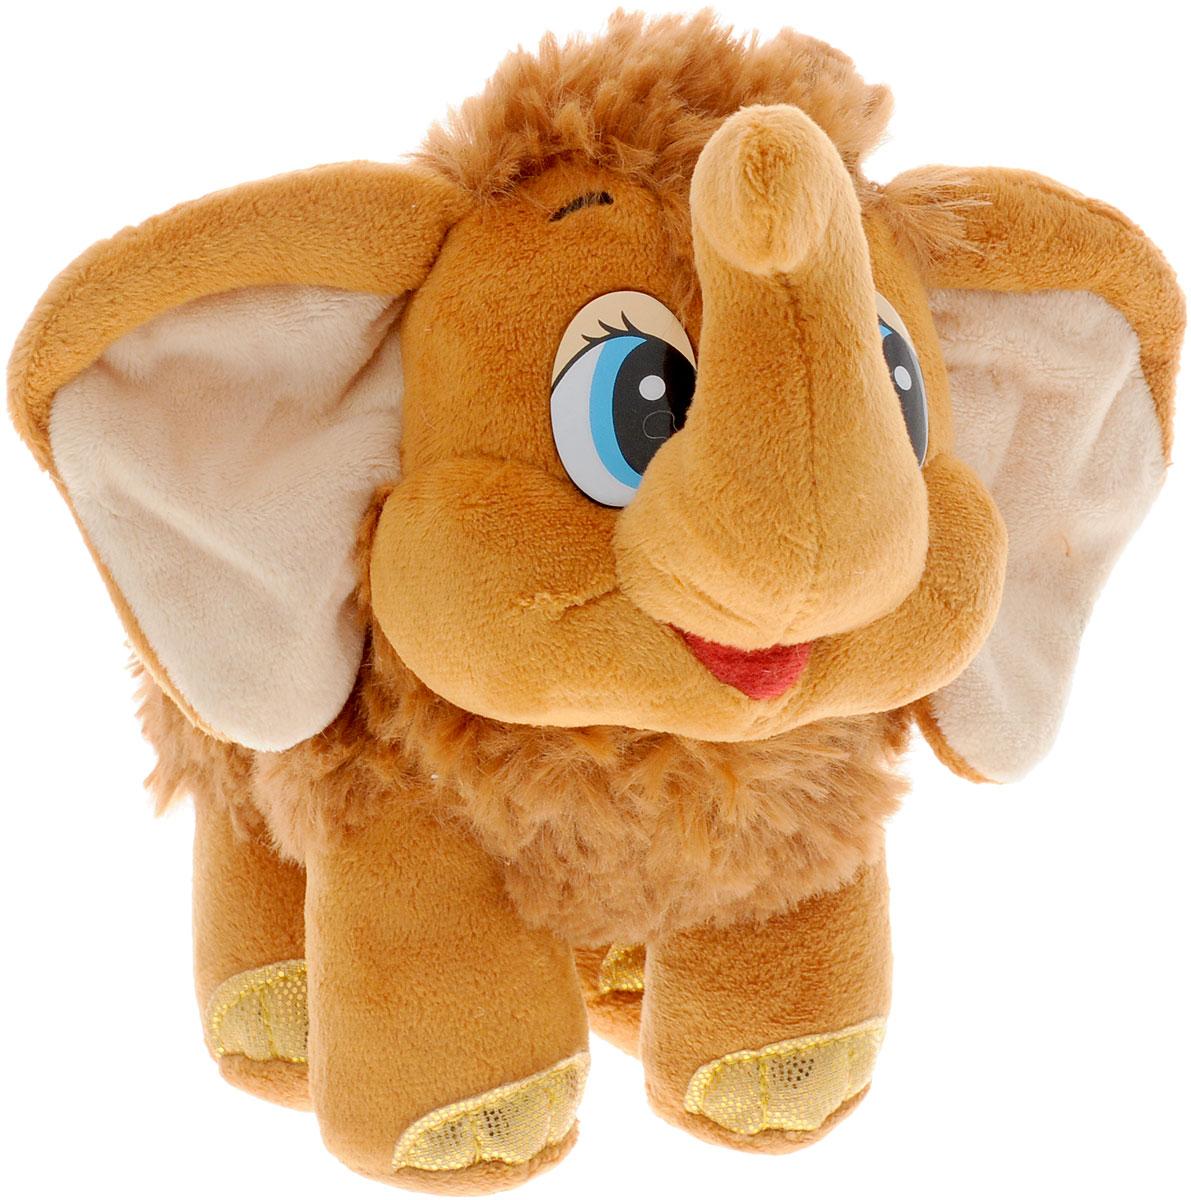 Мульти-Пульти Мягкая игрушка Мамонтенок 20 см мульти пульти мягкая игрушка принцесса луна 18 см со звуком my little pony мульти пульти